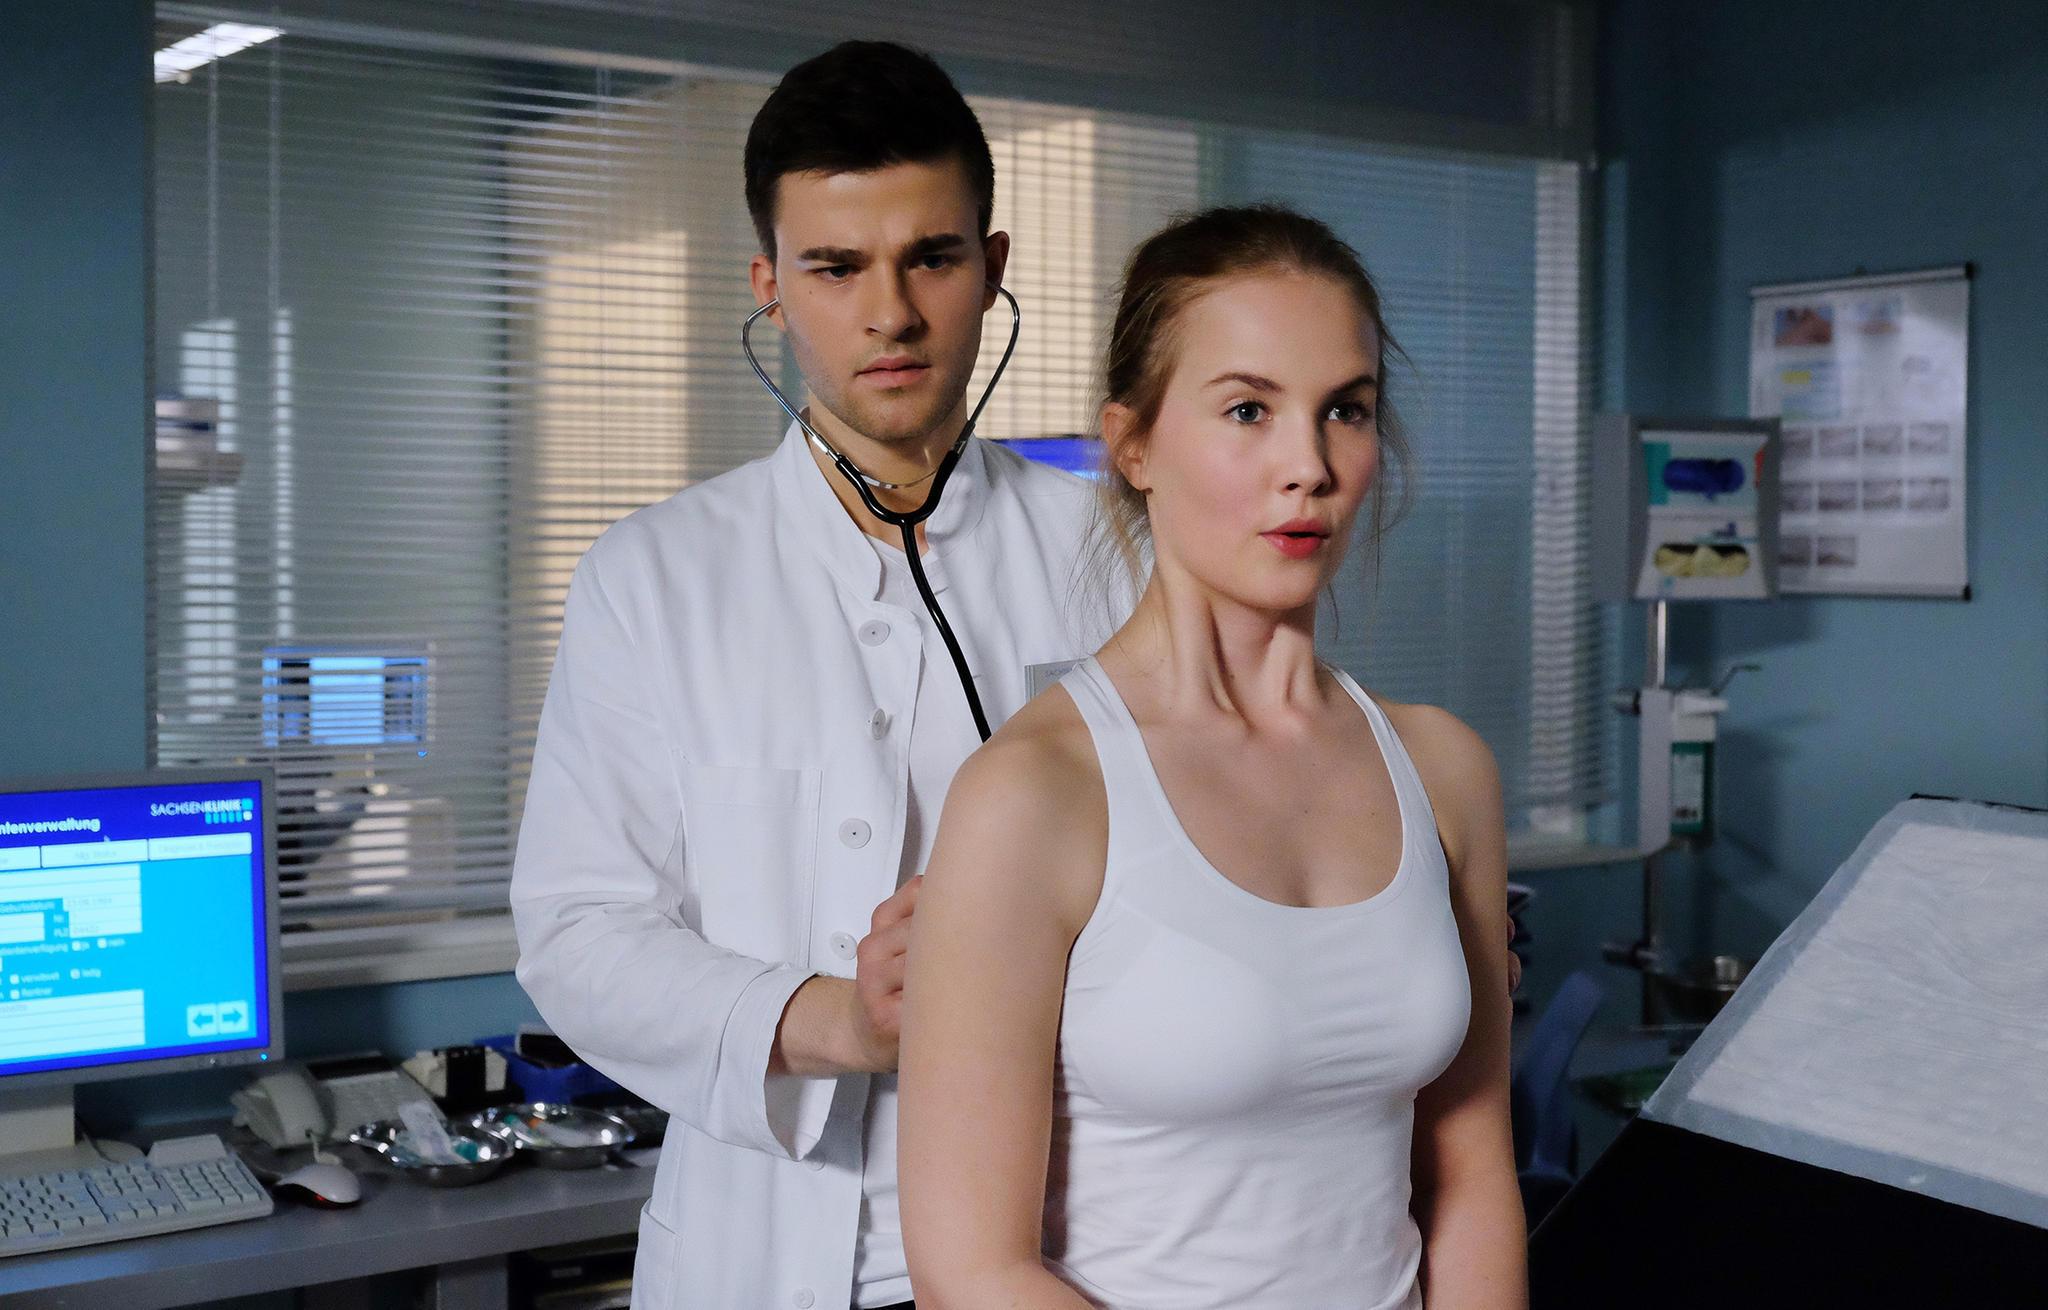 Patrick Mölleken gibt sich als Arzt aus, umRosa Schliemann, gespielt von Annika Schrumpf, zu beeindrucken